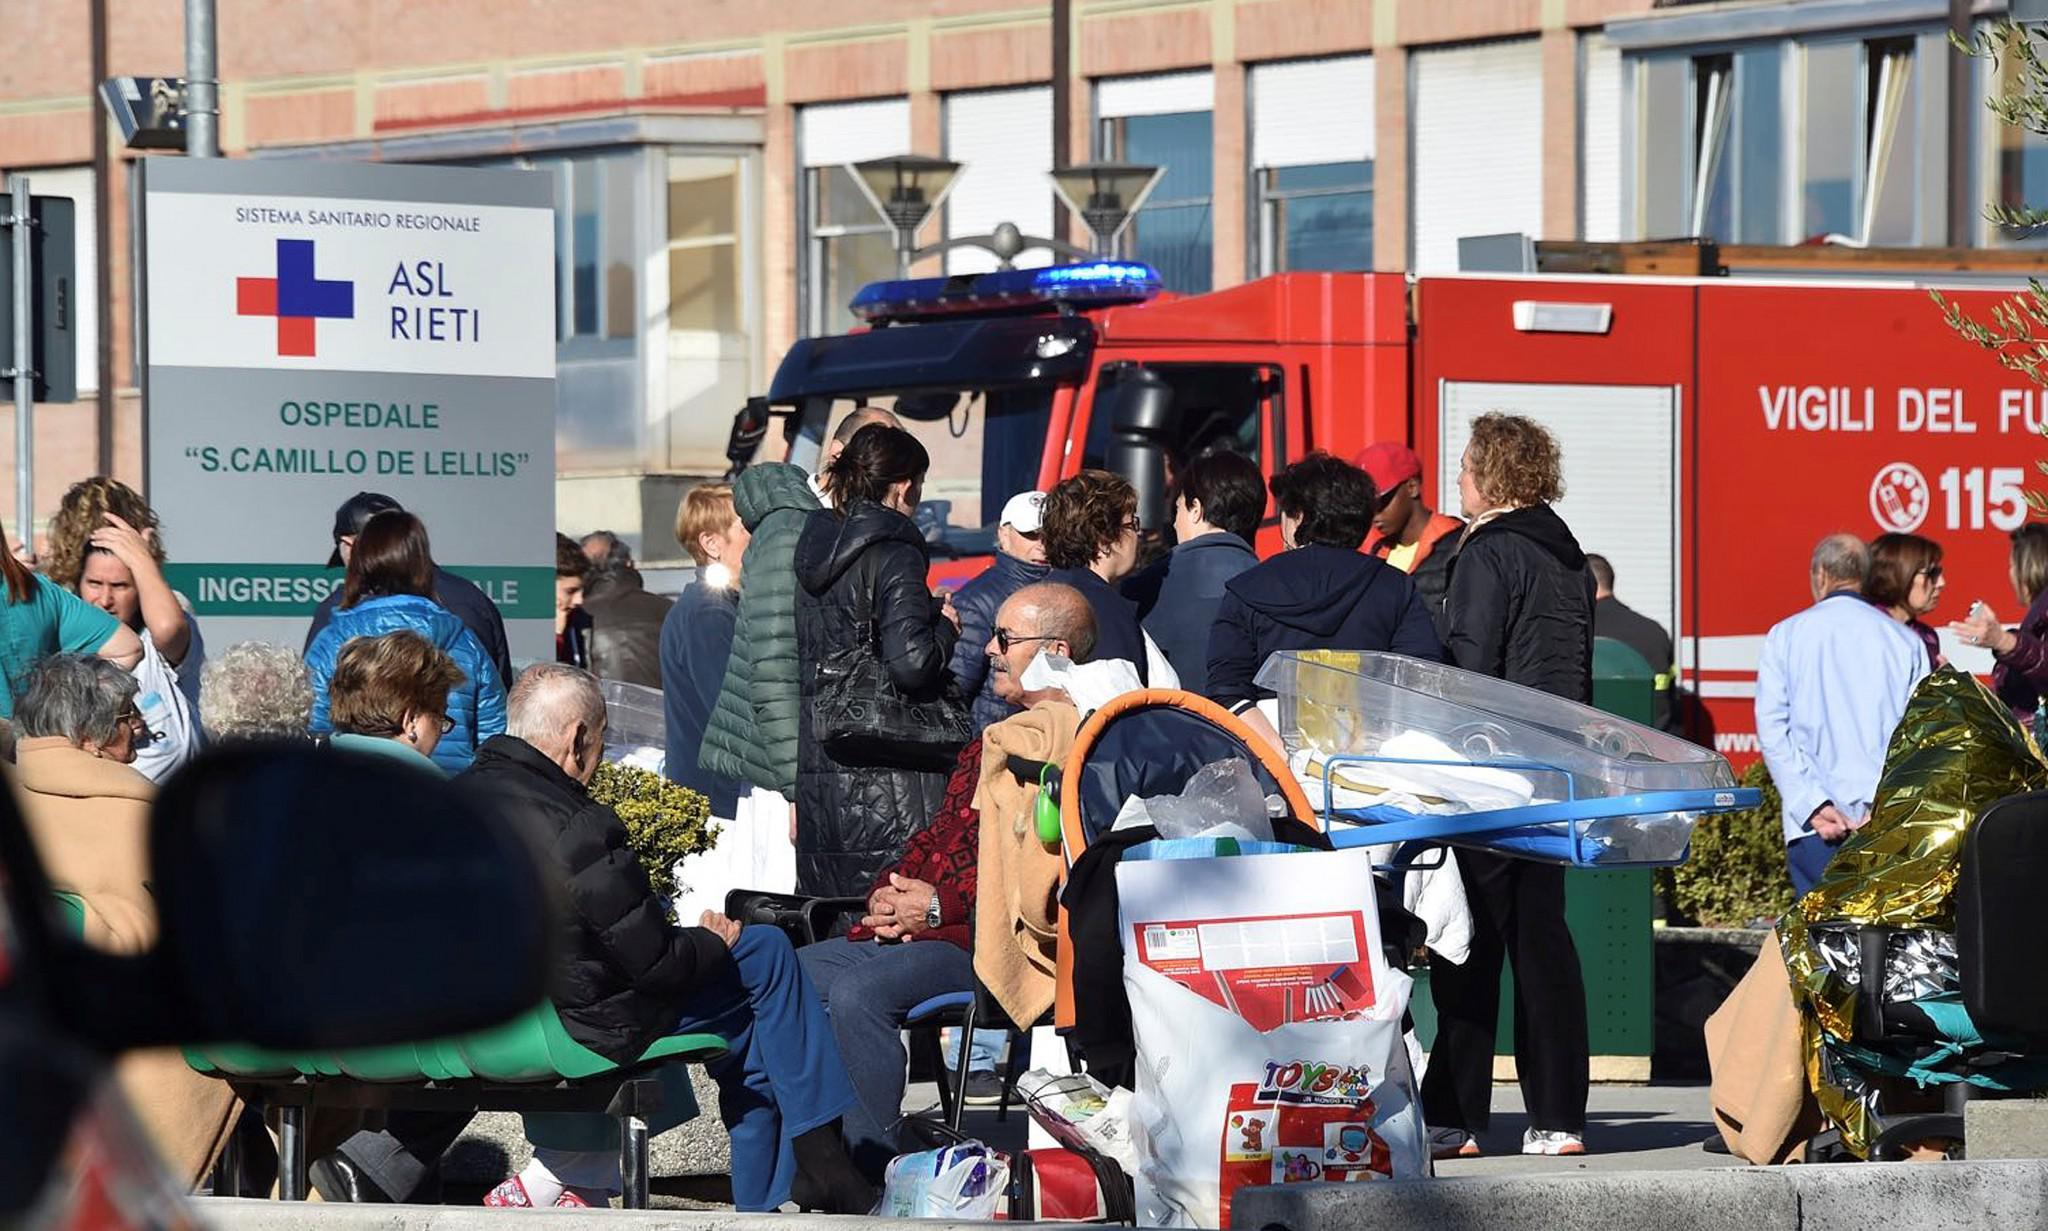 italia-seismos-traumaties-neos-1300-1 Τραυματίες και καταστροφές από τον νέο σεισμό των 6.7 Ρίχτερ στην Ιταλία